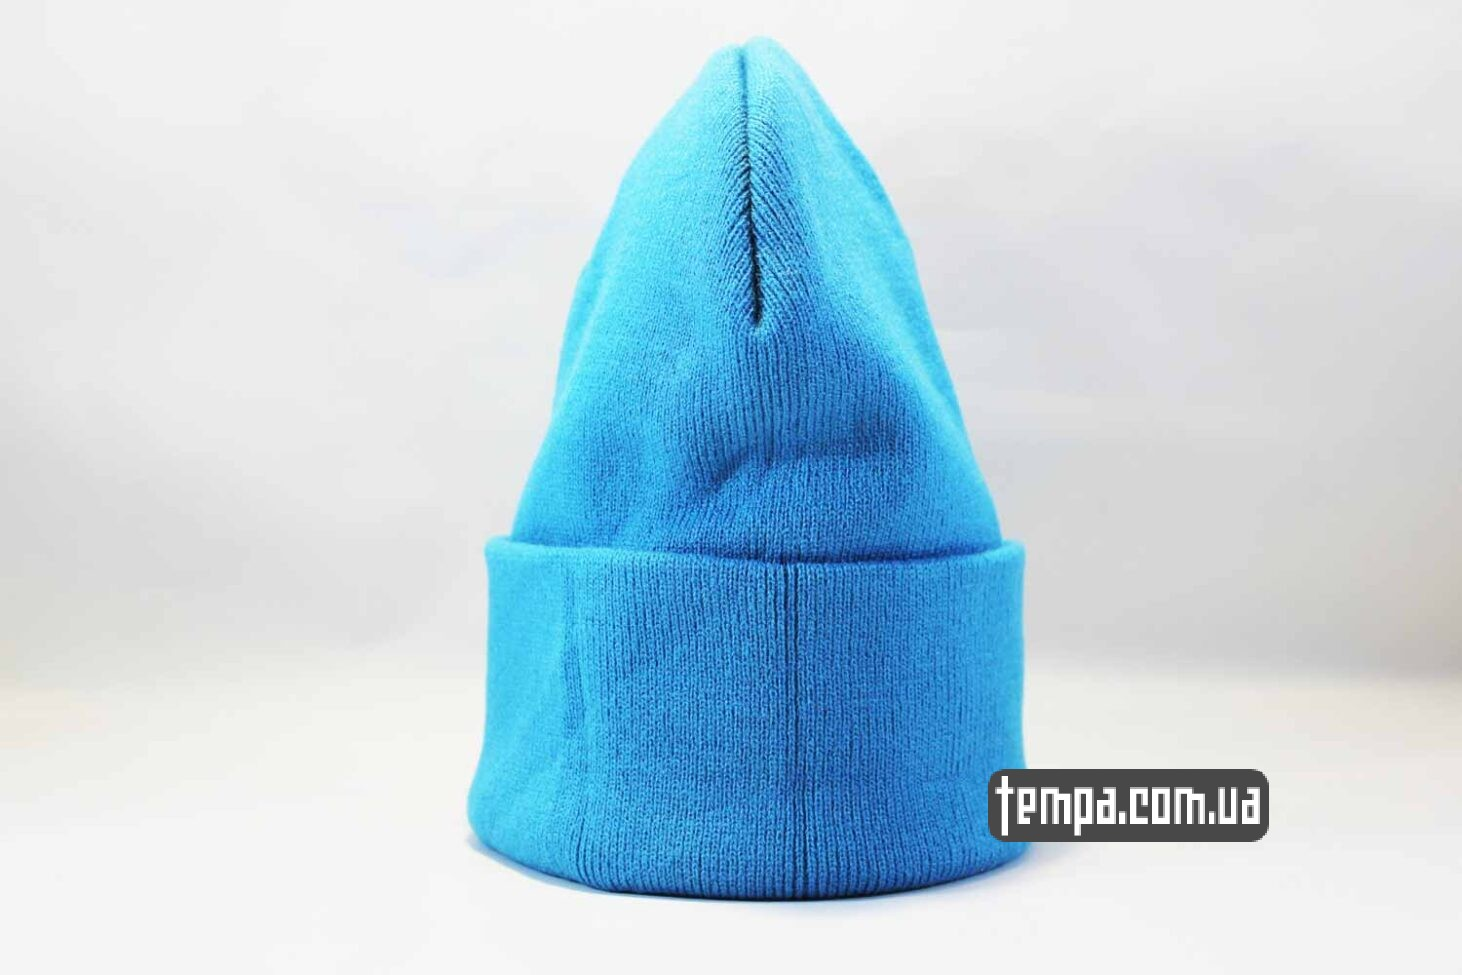 теплая зимняя бини шапка beanie Aape ярко голубая купить Украина